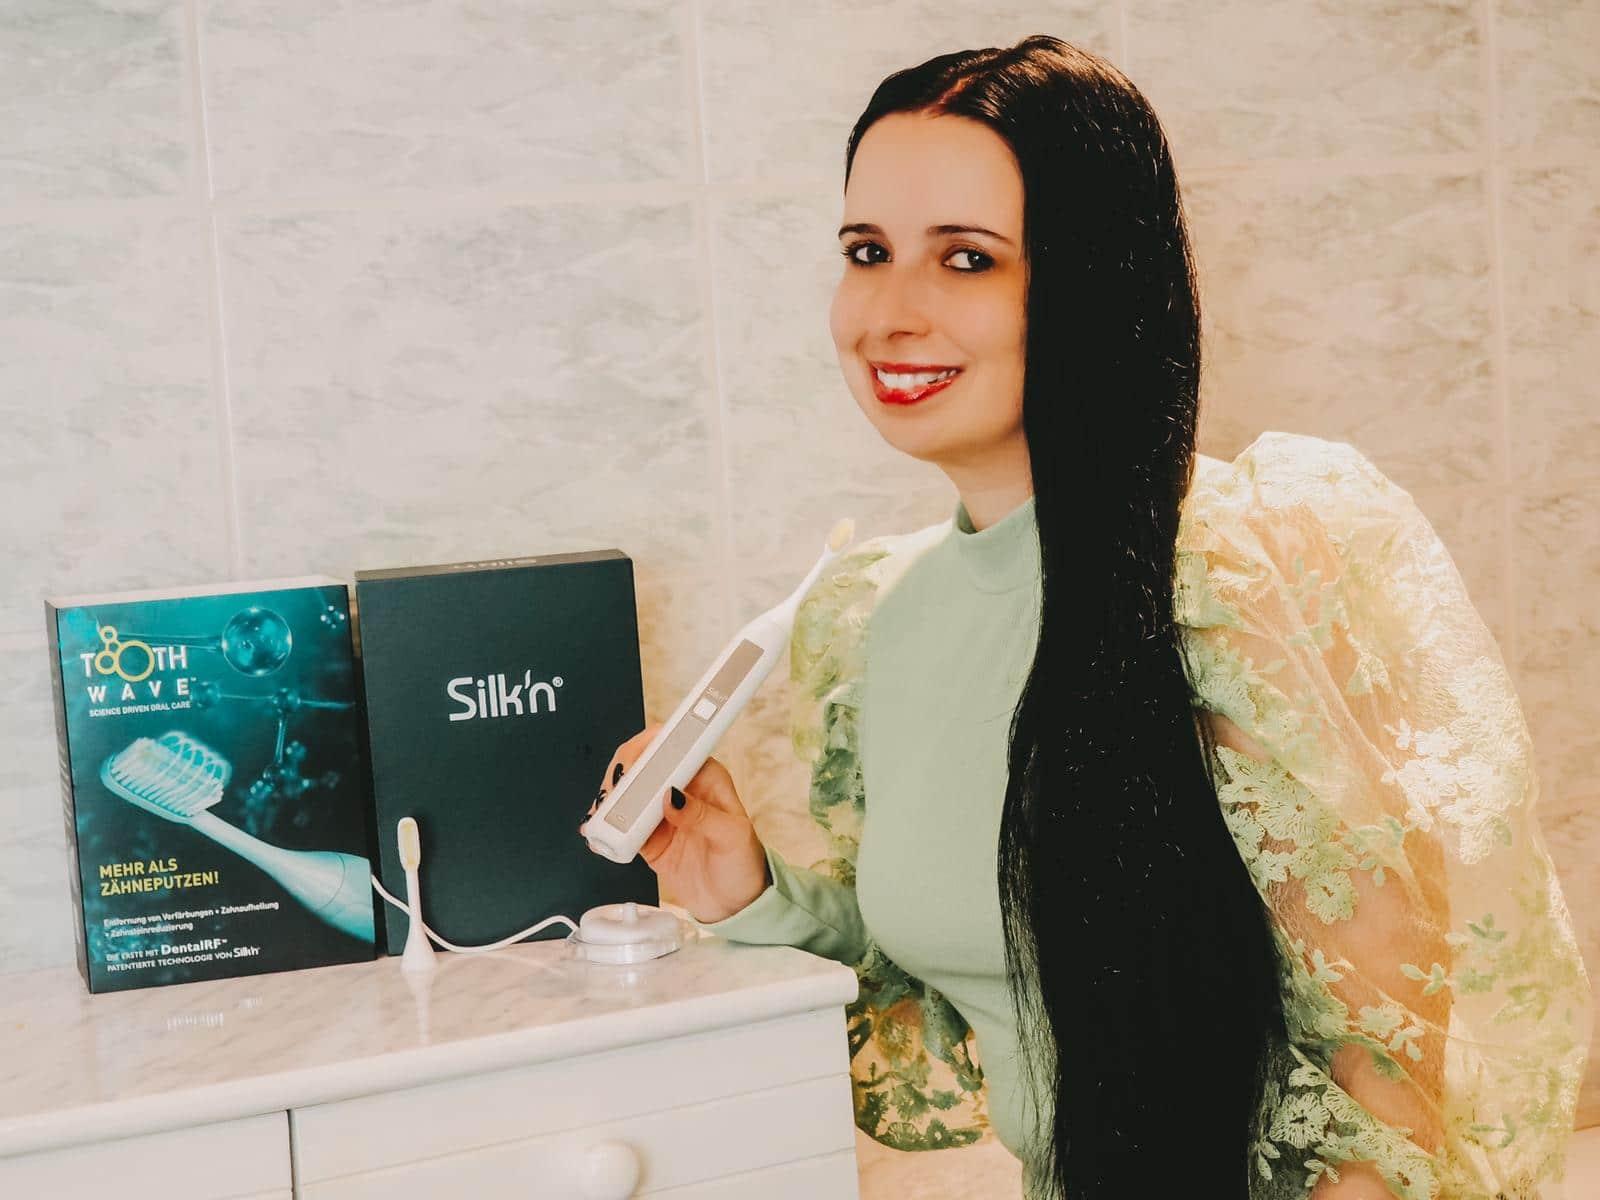 Die Silk'n ToothWave ist die beste Zahnbürste